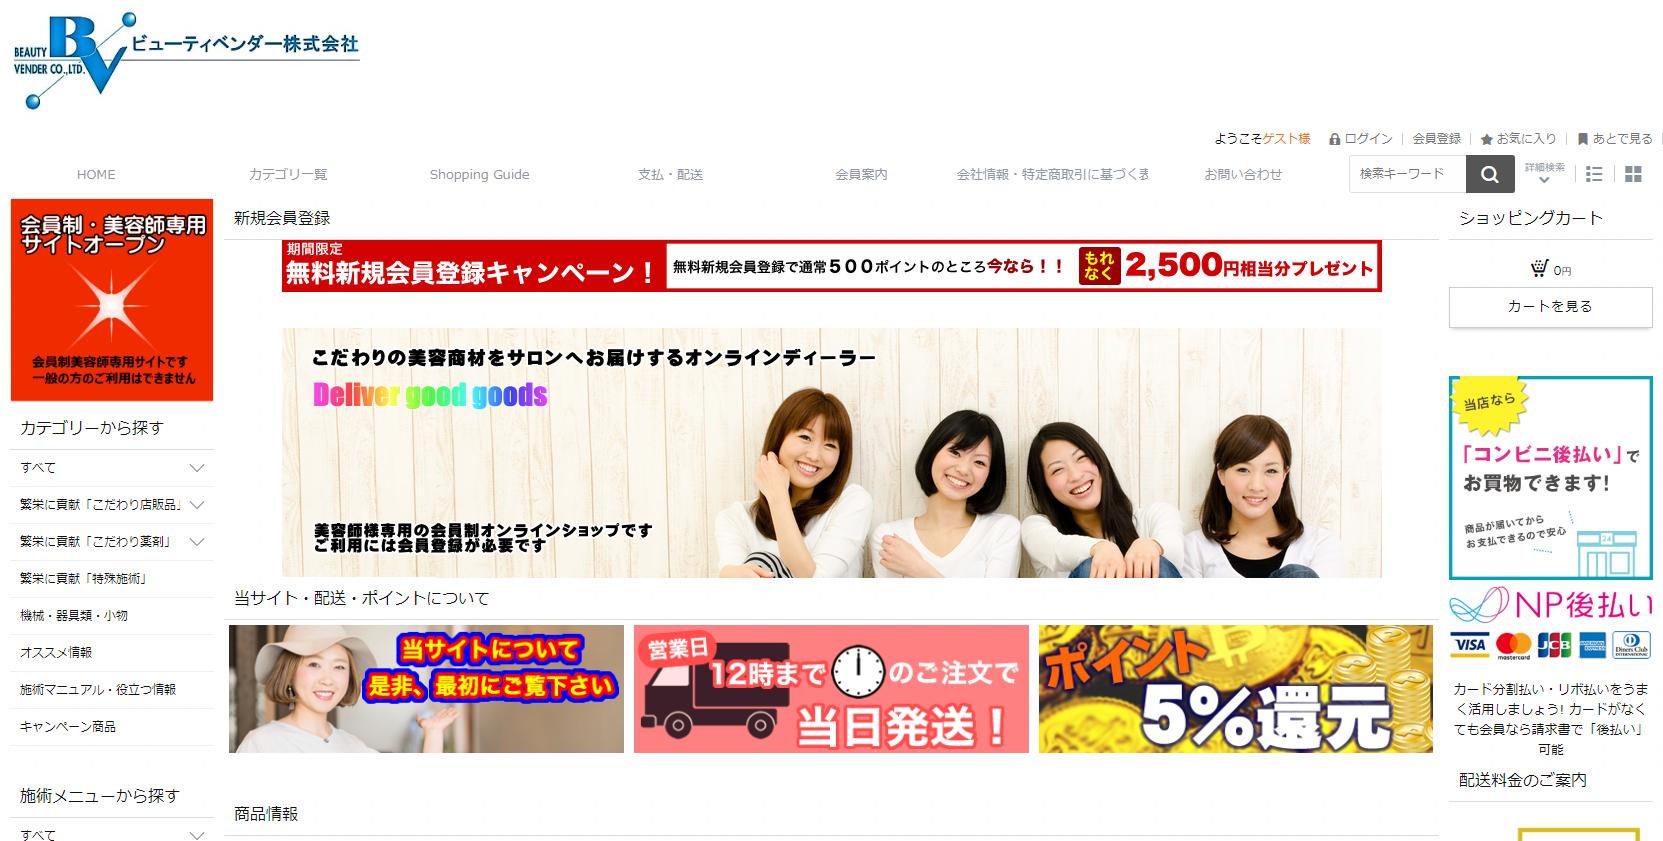 美容室専売品の卸・通販仕入サイト「ビューティベンダー株式会社 ネットサービス」 (2)